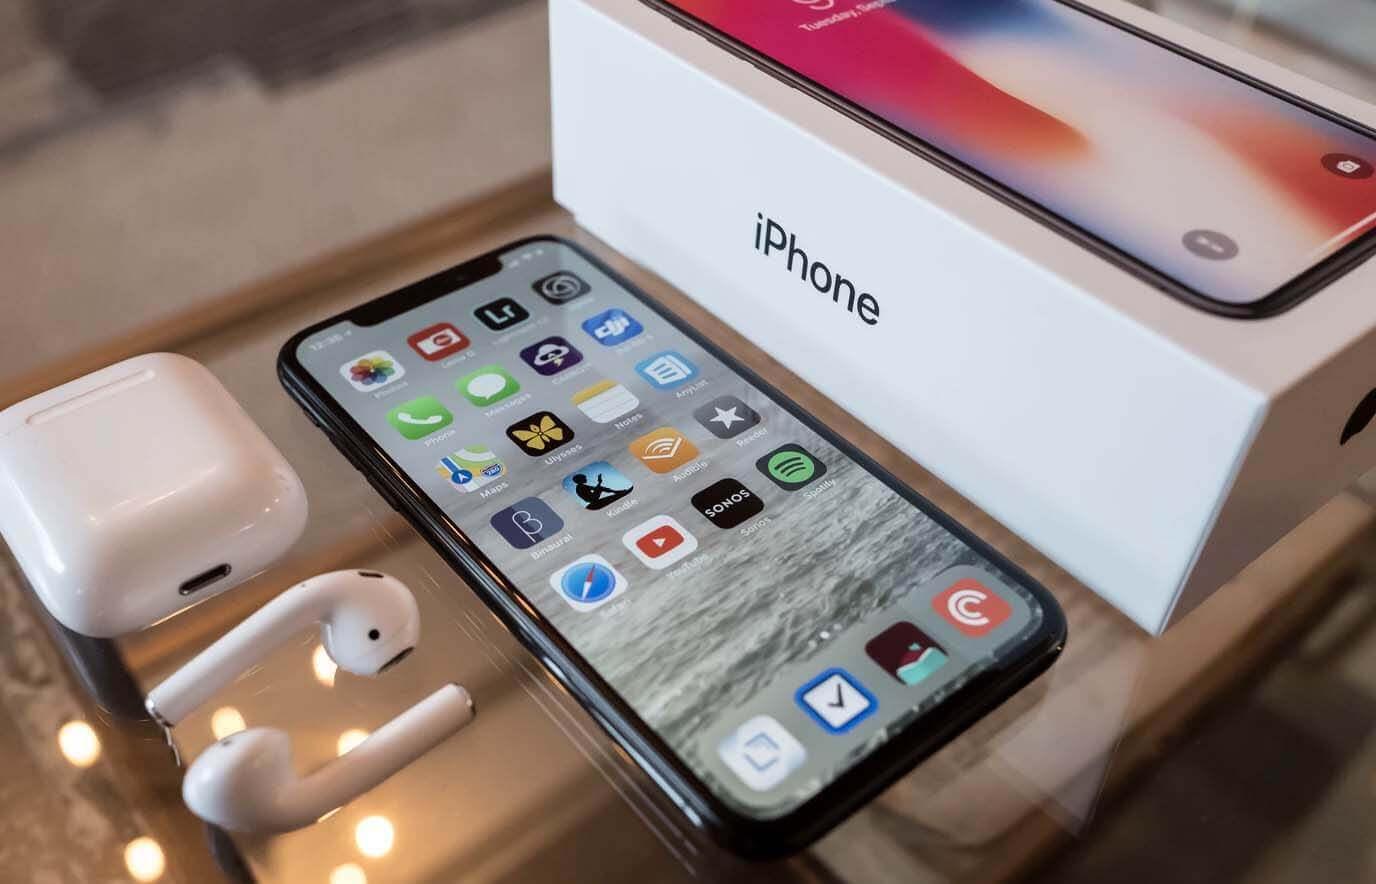 iPhone kopen als los toestel